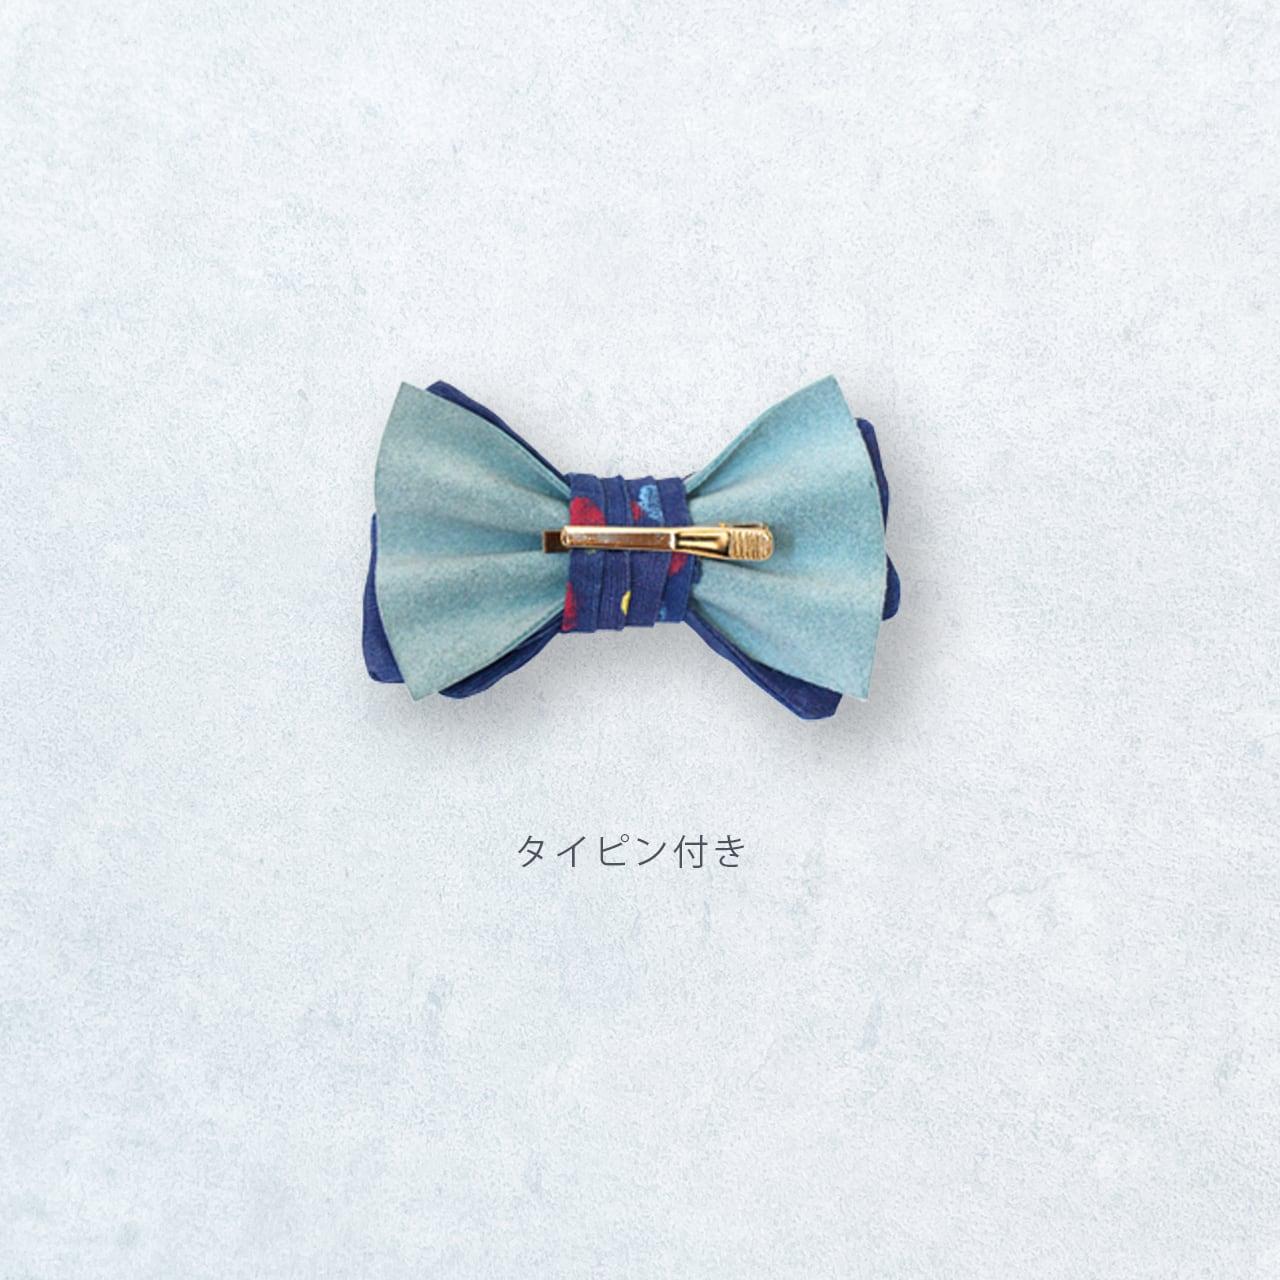 ナチュラル感が新鮮 麻の蝶ネクタイ 〈 BowTie 〉Blue